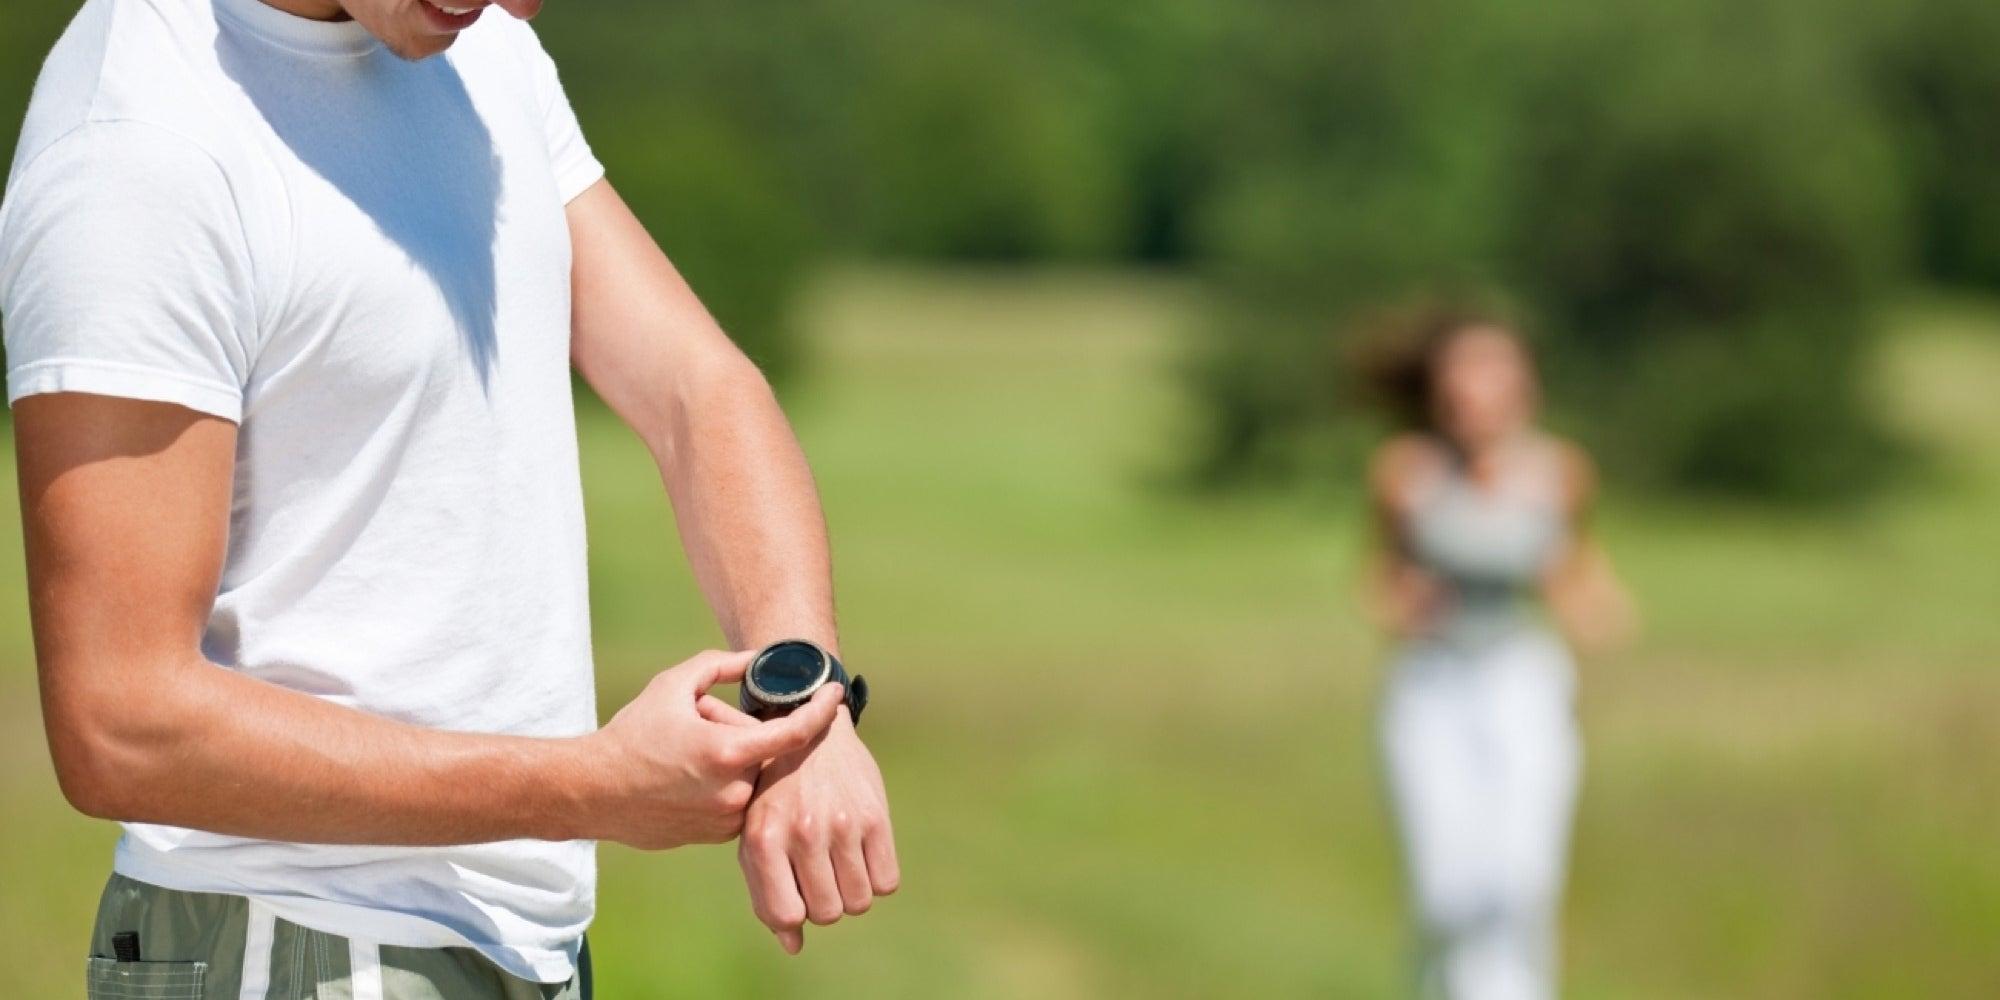 2. Exercise Regularly